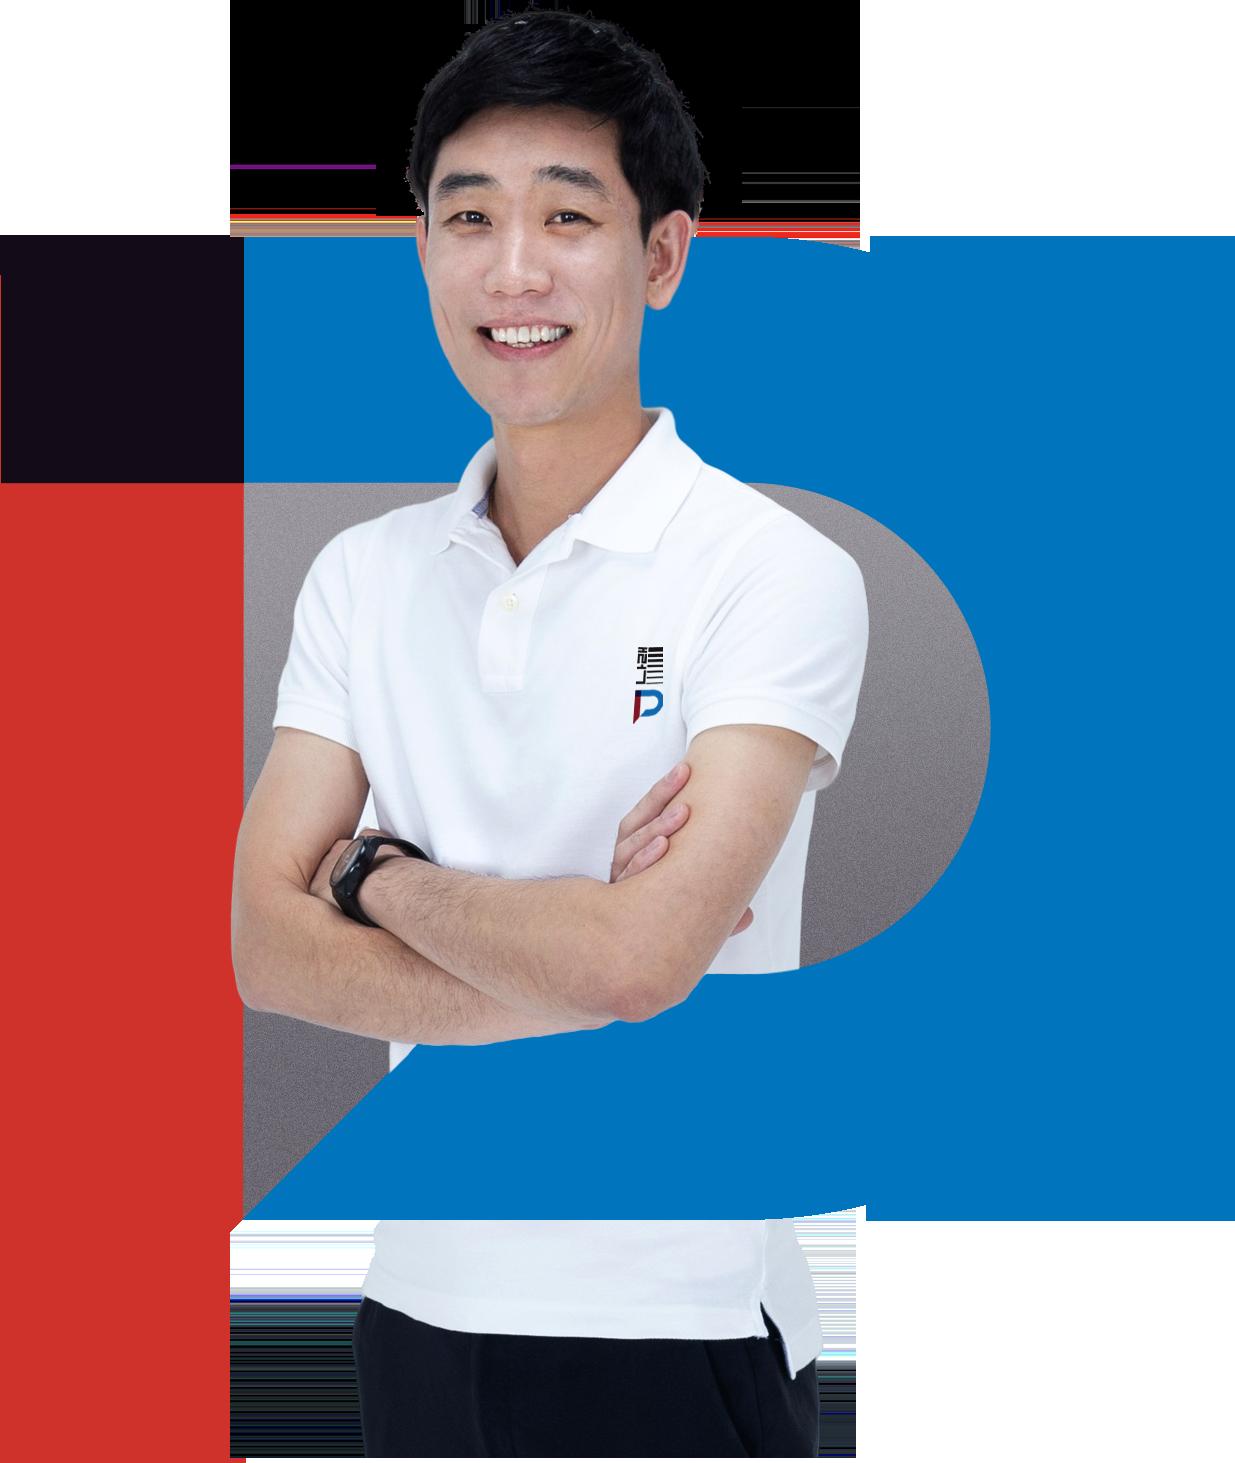 퍼포먼스피지오 인천점 박유신 대표 프로필 사진